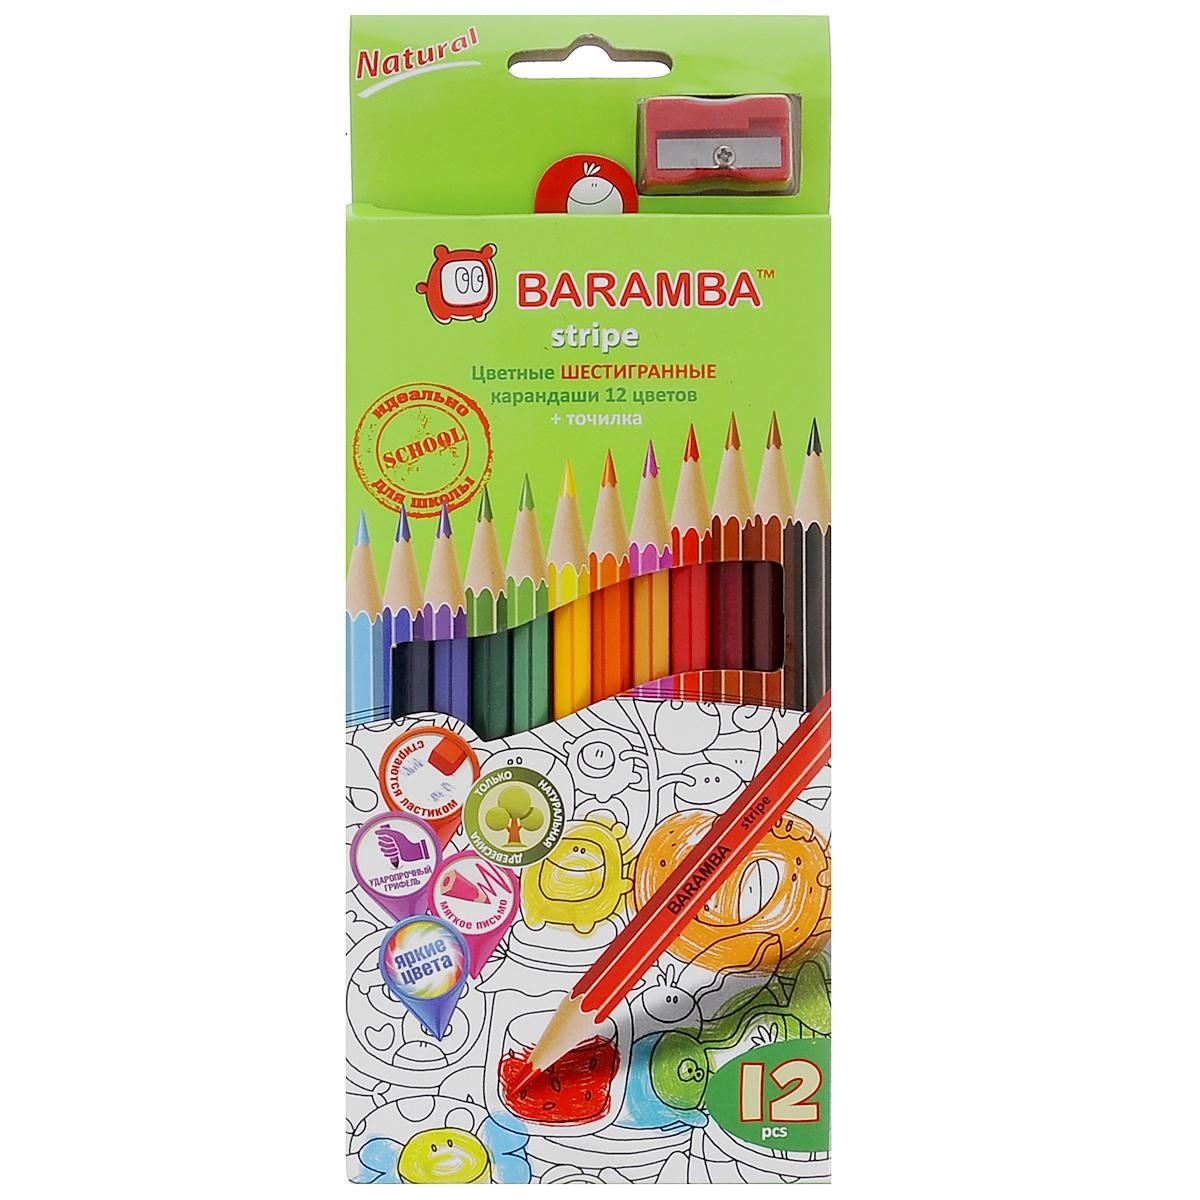 Набор цветных карандашей Baramba Stripe, с точилкой, 12 цветовB33112/NЦветные карандаши Baramba Stripe откроют юным художникам новые горизонты для творчества, а также помогут отлично развить мелкую моторику рук, цветовое восприятие, фантазию и воображение. Традиционный шестигранный корпус изготовлен из натуральной древесины, гладкость которого обеспечена многослойной покраской. Карандаши удобно держать в руках, а мягкий грифель не требует сильного нажима и легко стирается ластиком.Комплект включает 12 заточенных карандашей ярких насыщенных цветов и точилку.Не рекомендуется детям до 3-х лет.